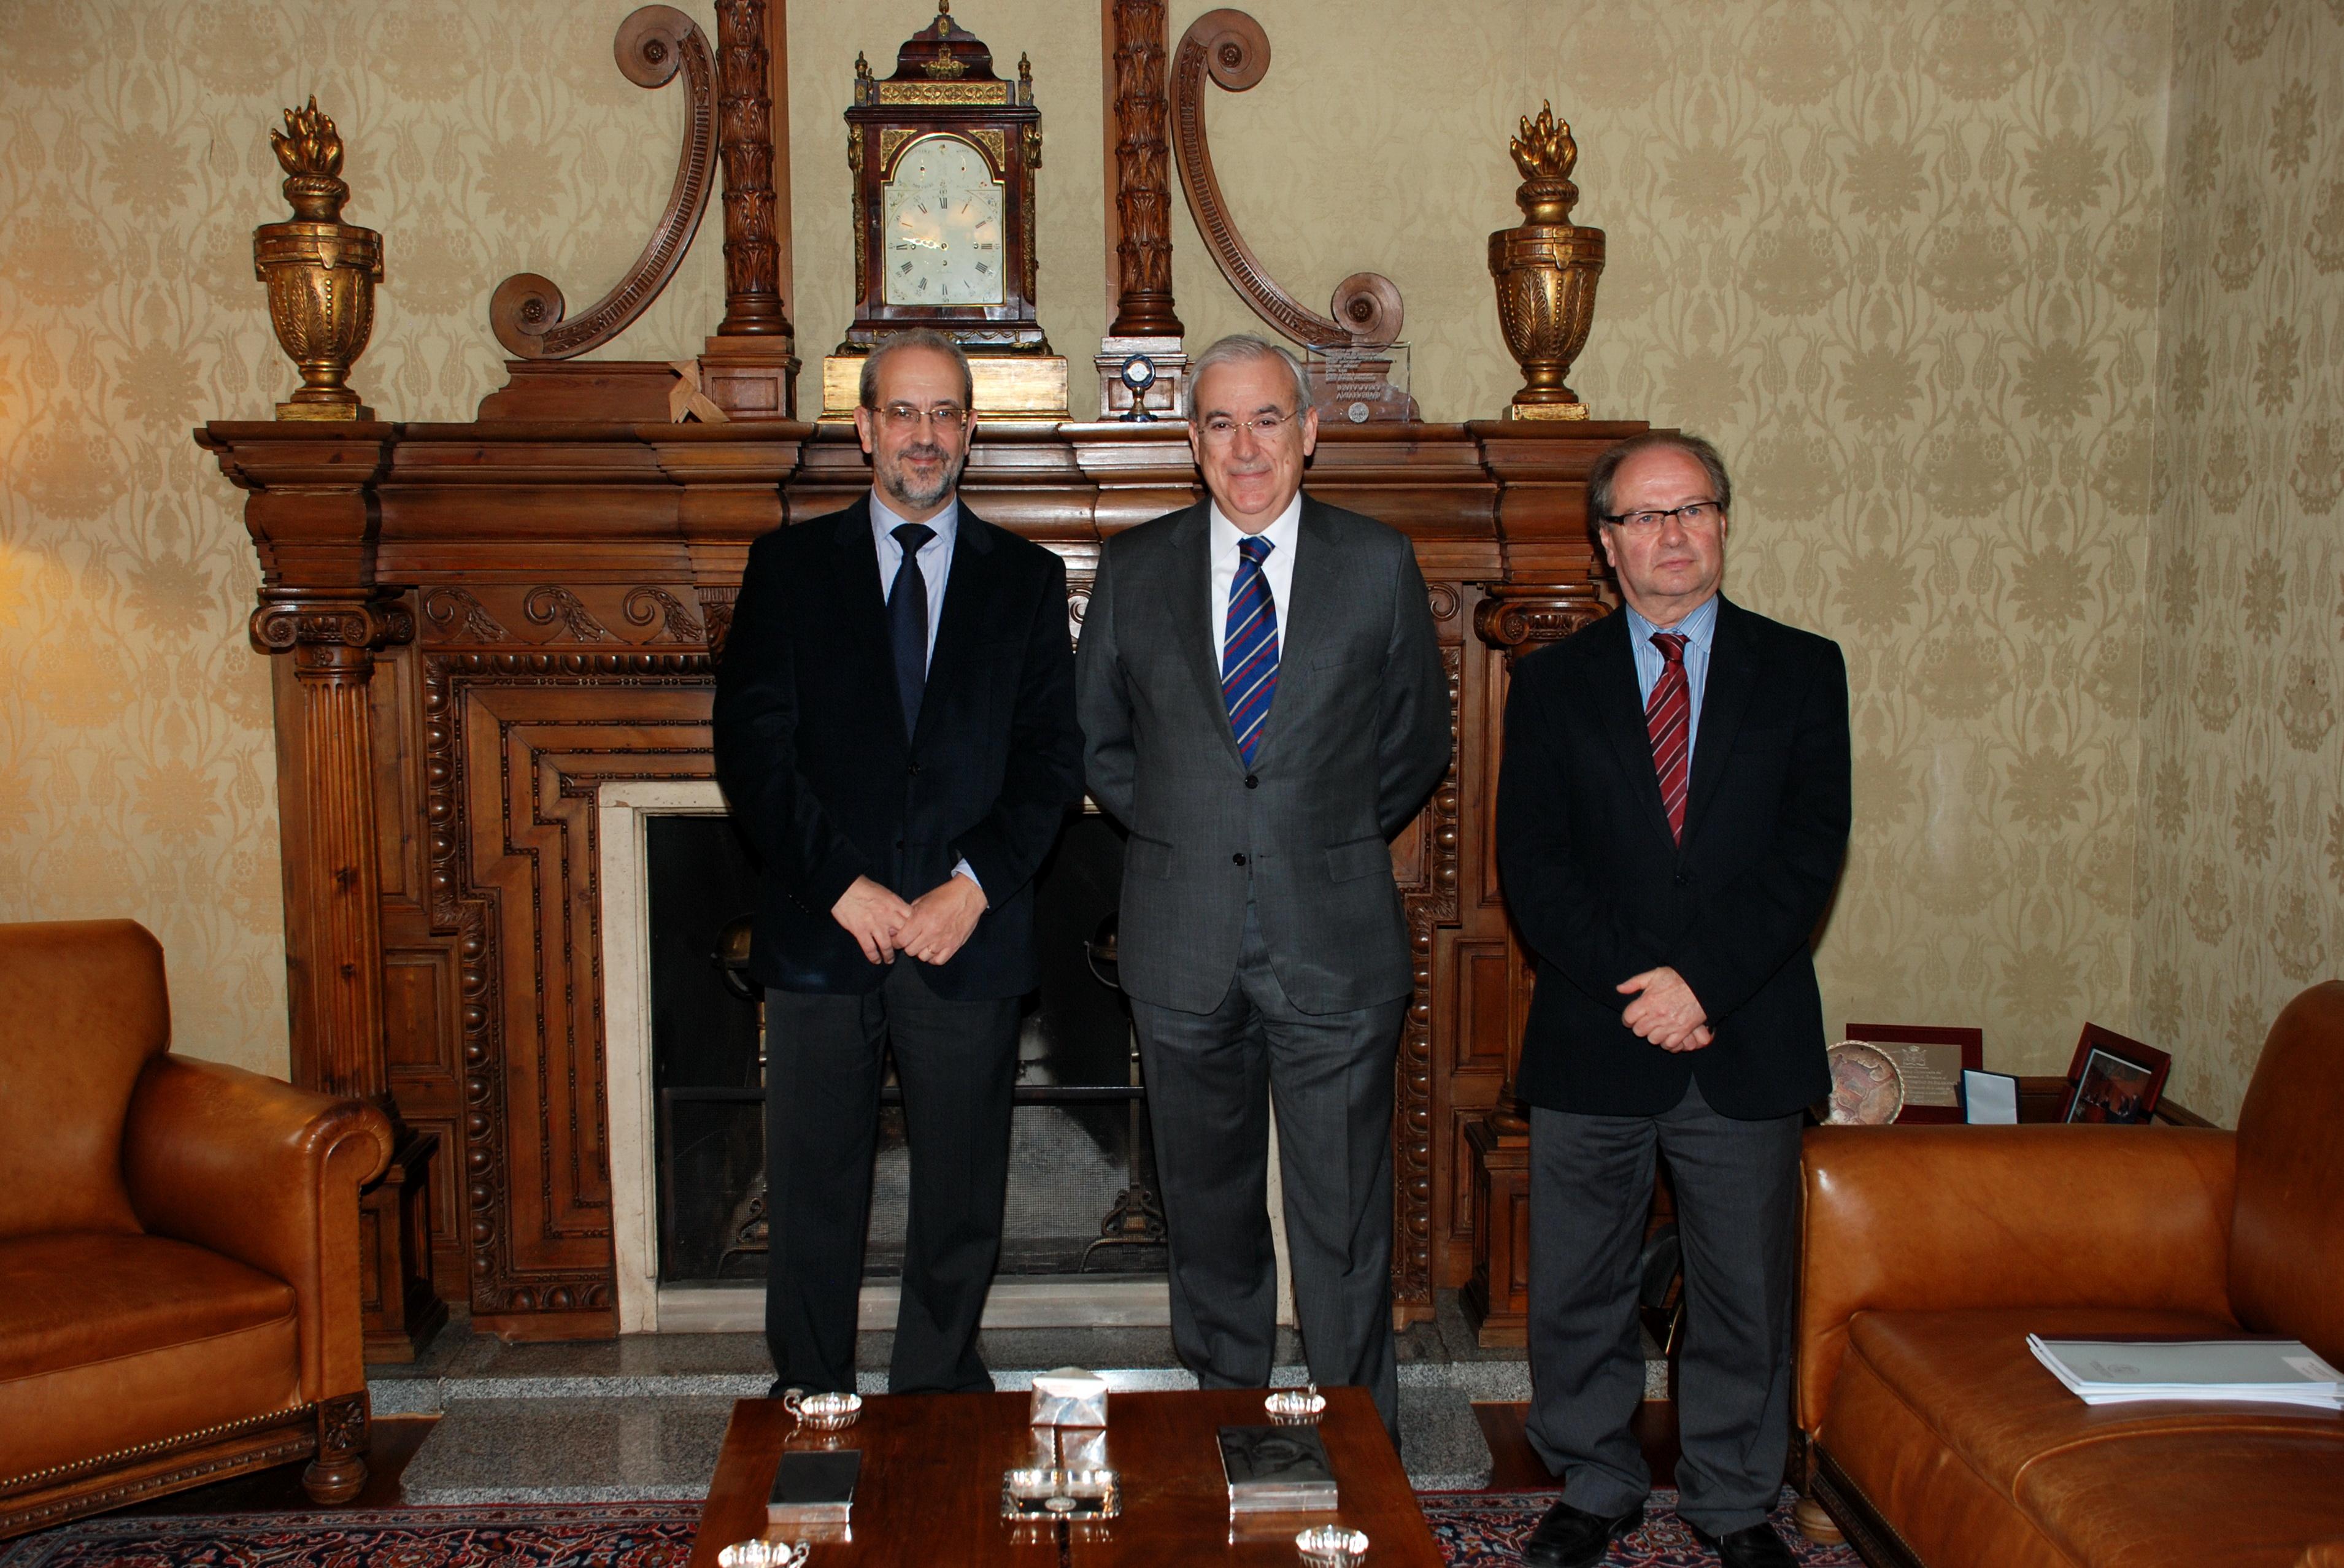 El rector de la Universidad de Salamanca recibe al presidente del Consejo de Cuentas de Castilla y León